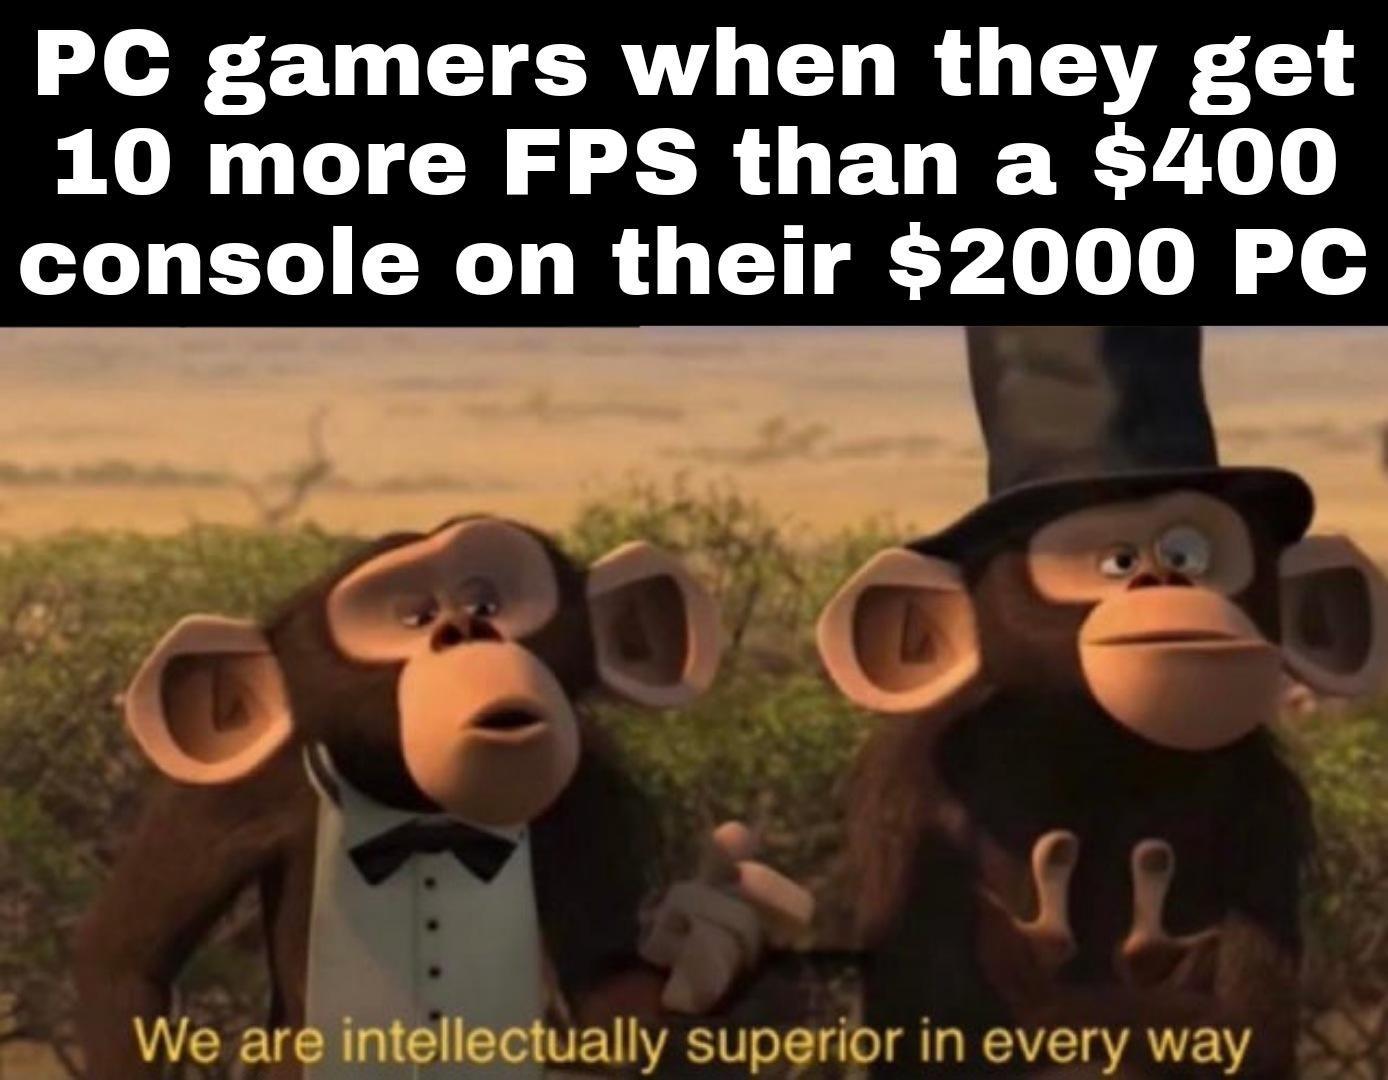 *Laughs in broke*